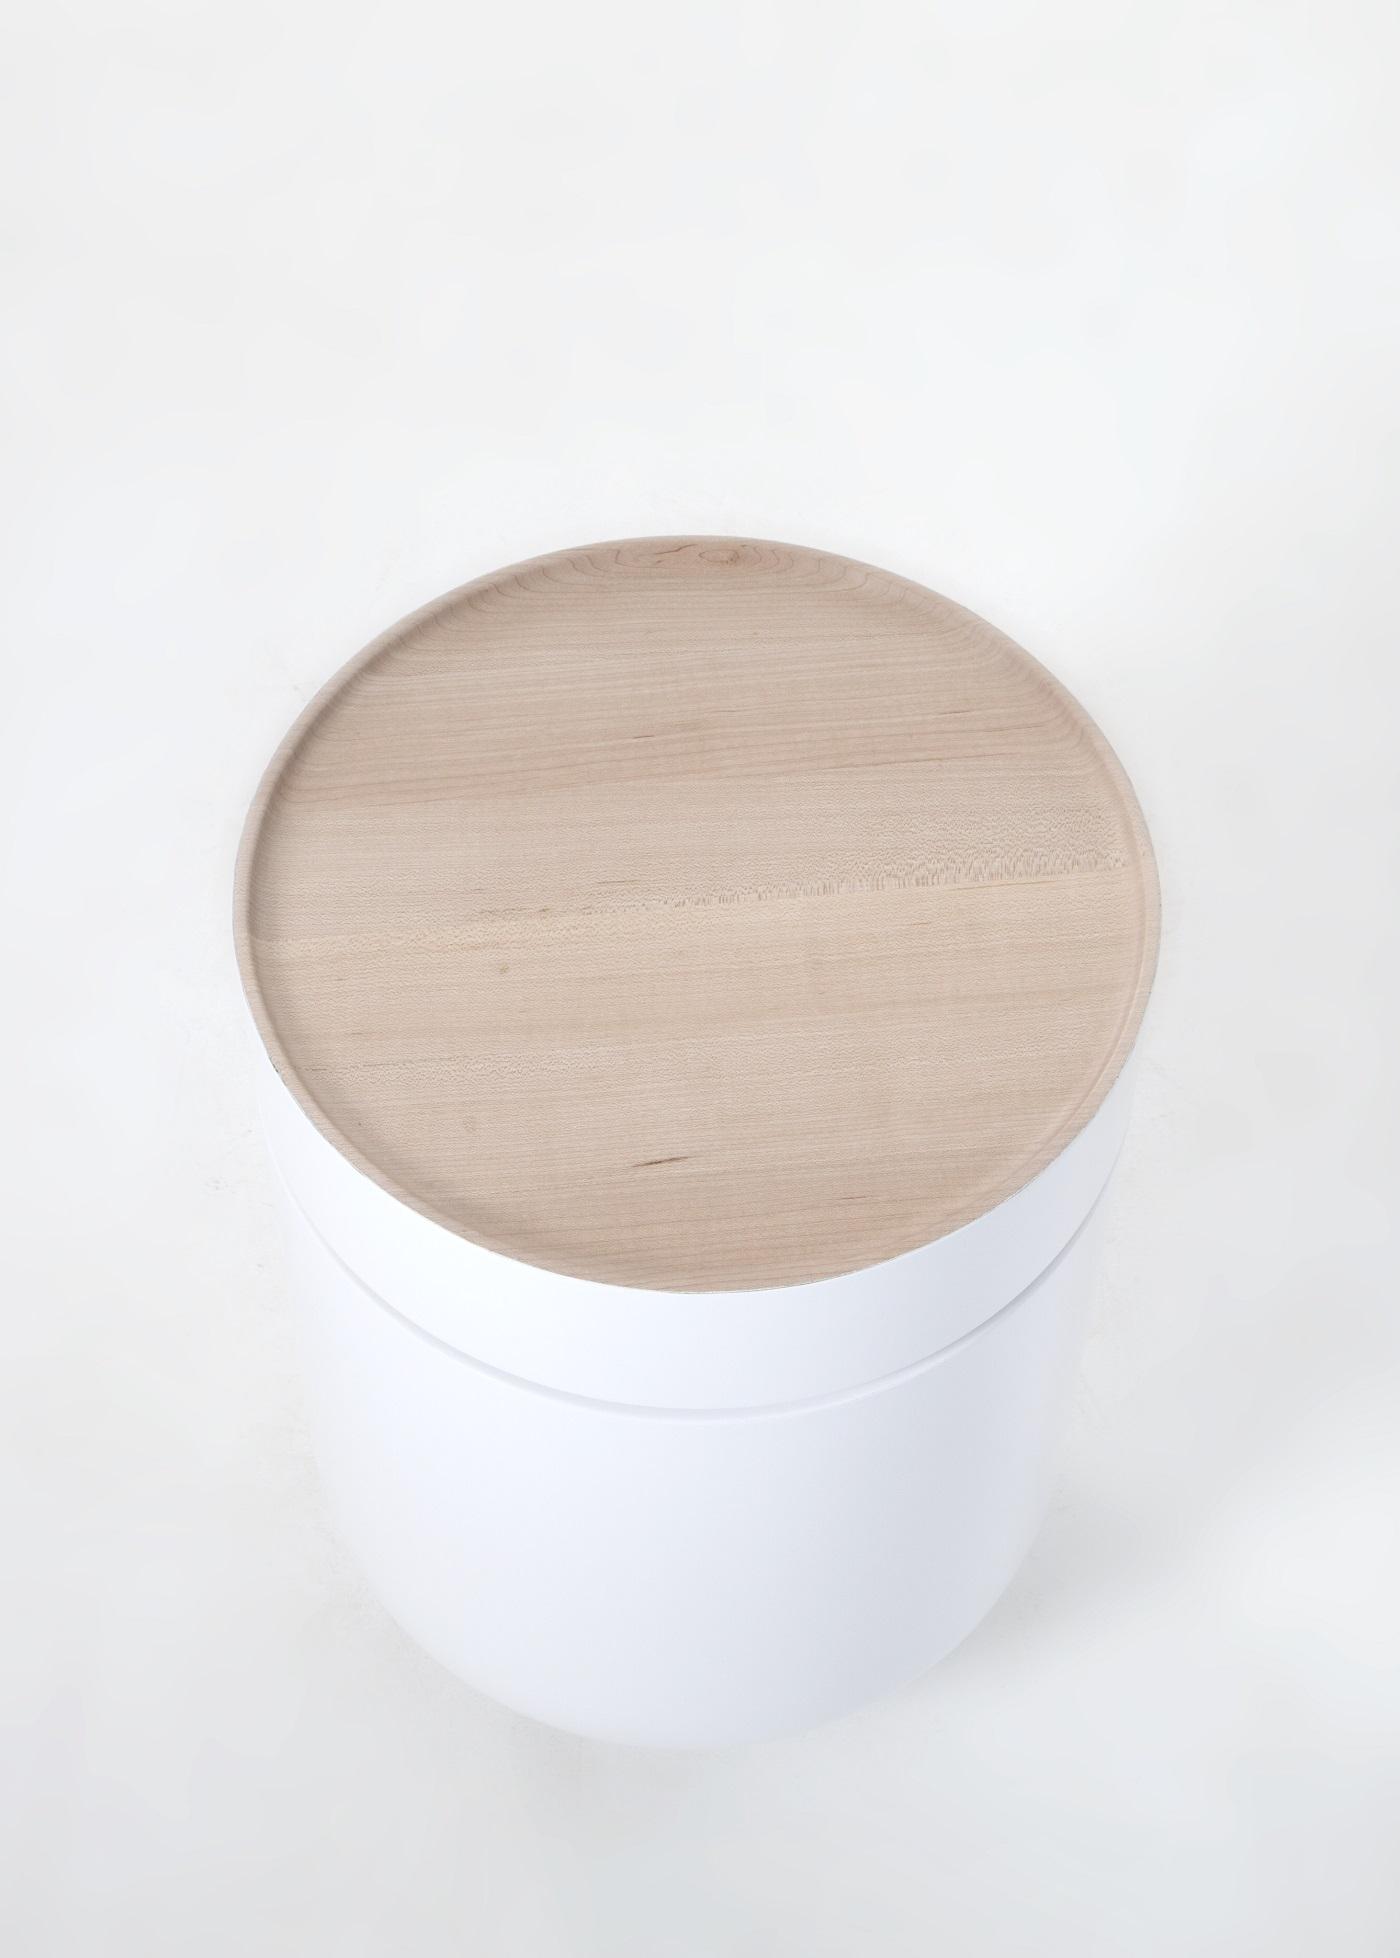 Bijzettafel Troche met esdoorn tafelblad van StudioWM